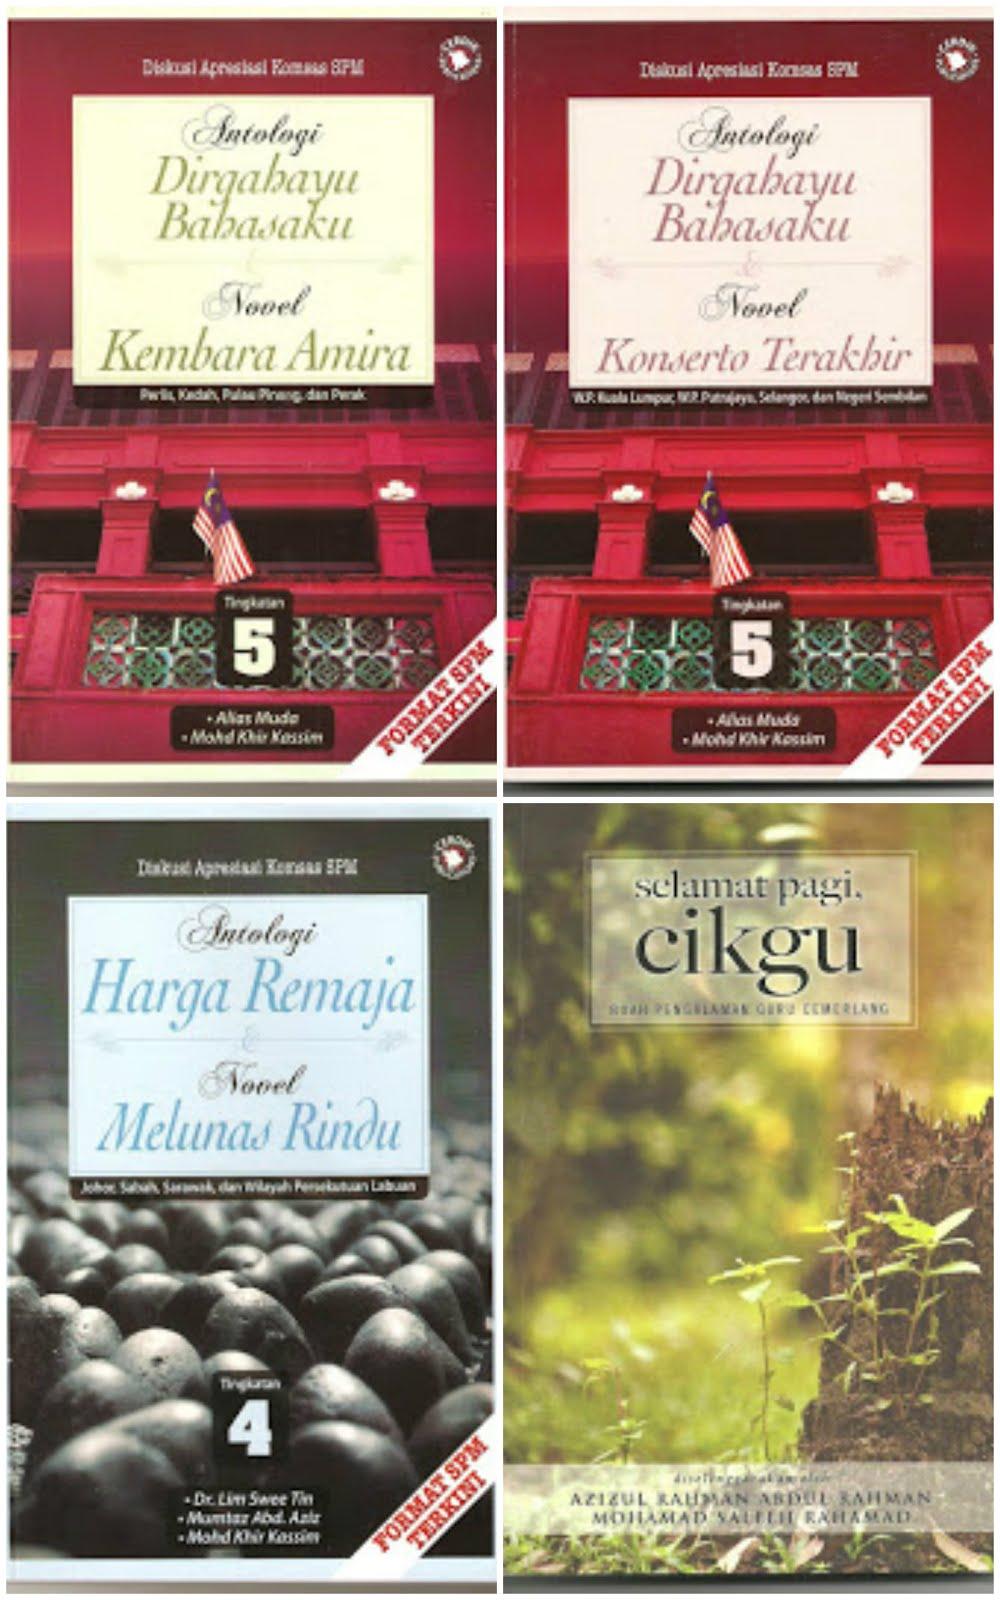 Buku Ulasan Komsas T5 2011 & Kembara Amira/Buku Ulasan Komsas T5 2012 & Konserto Terakhir